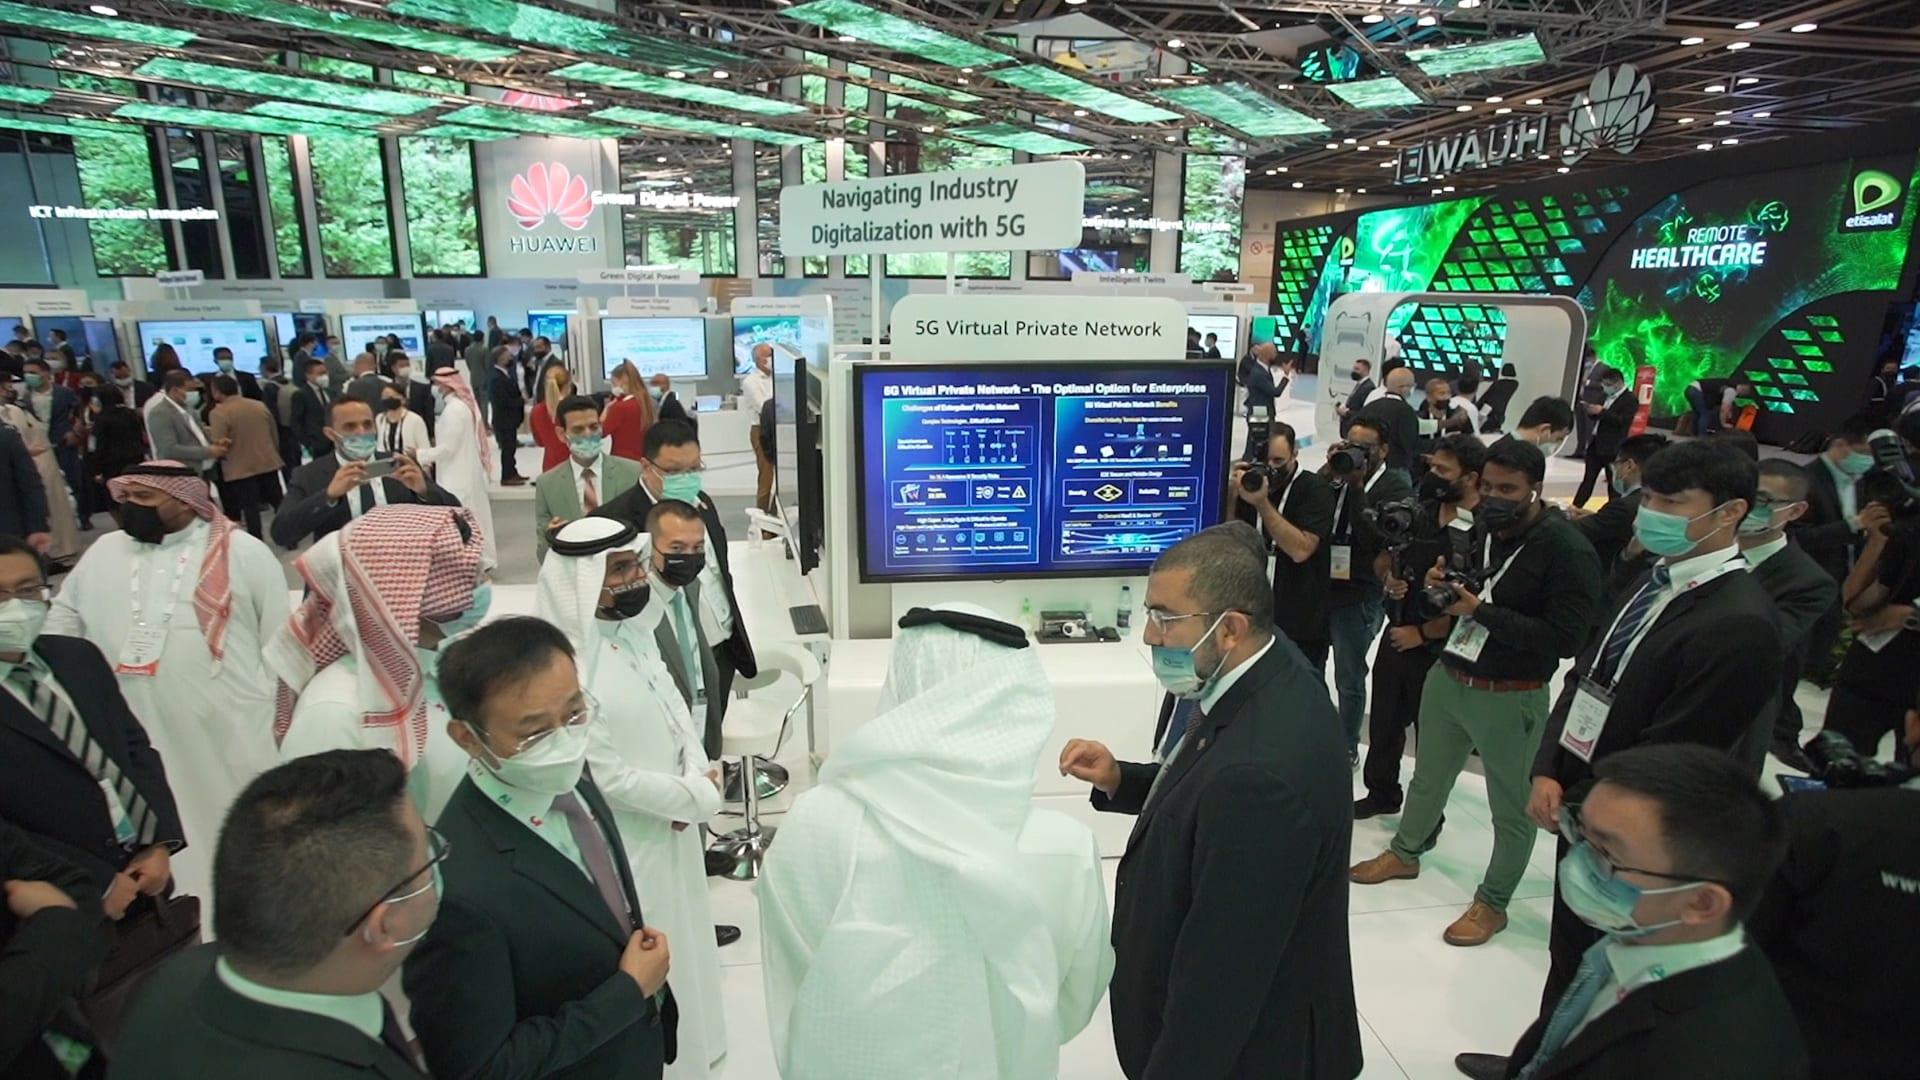 """""""هواوي"""" تكشف لـCNN أهمية تقنية الجيل الخامس في التحول الرقمي بمنطقة الشرق الأوسط"""